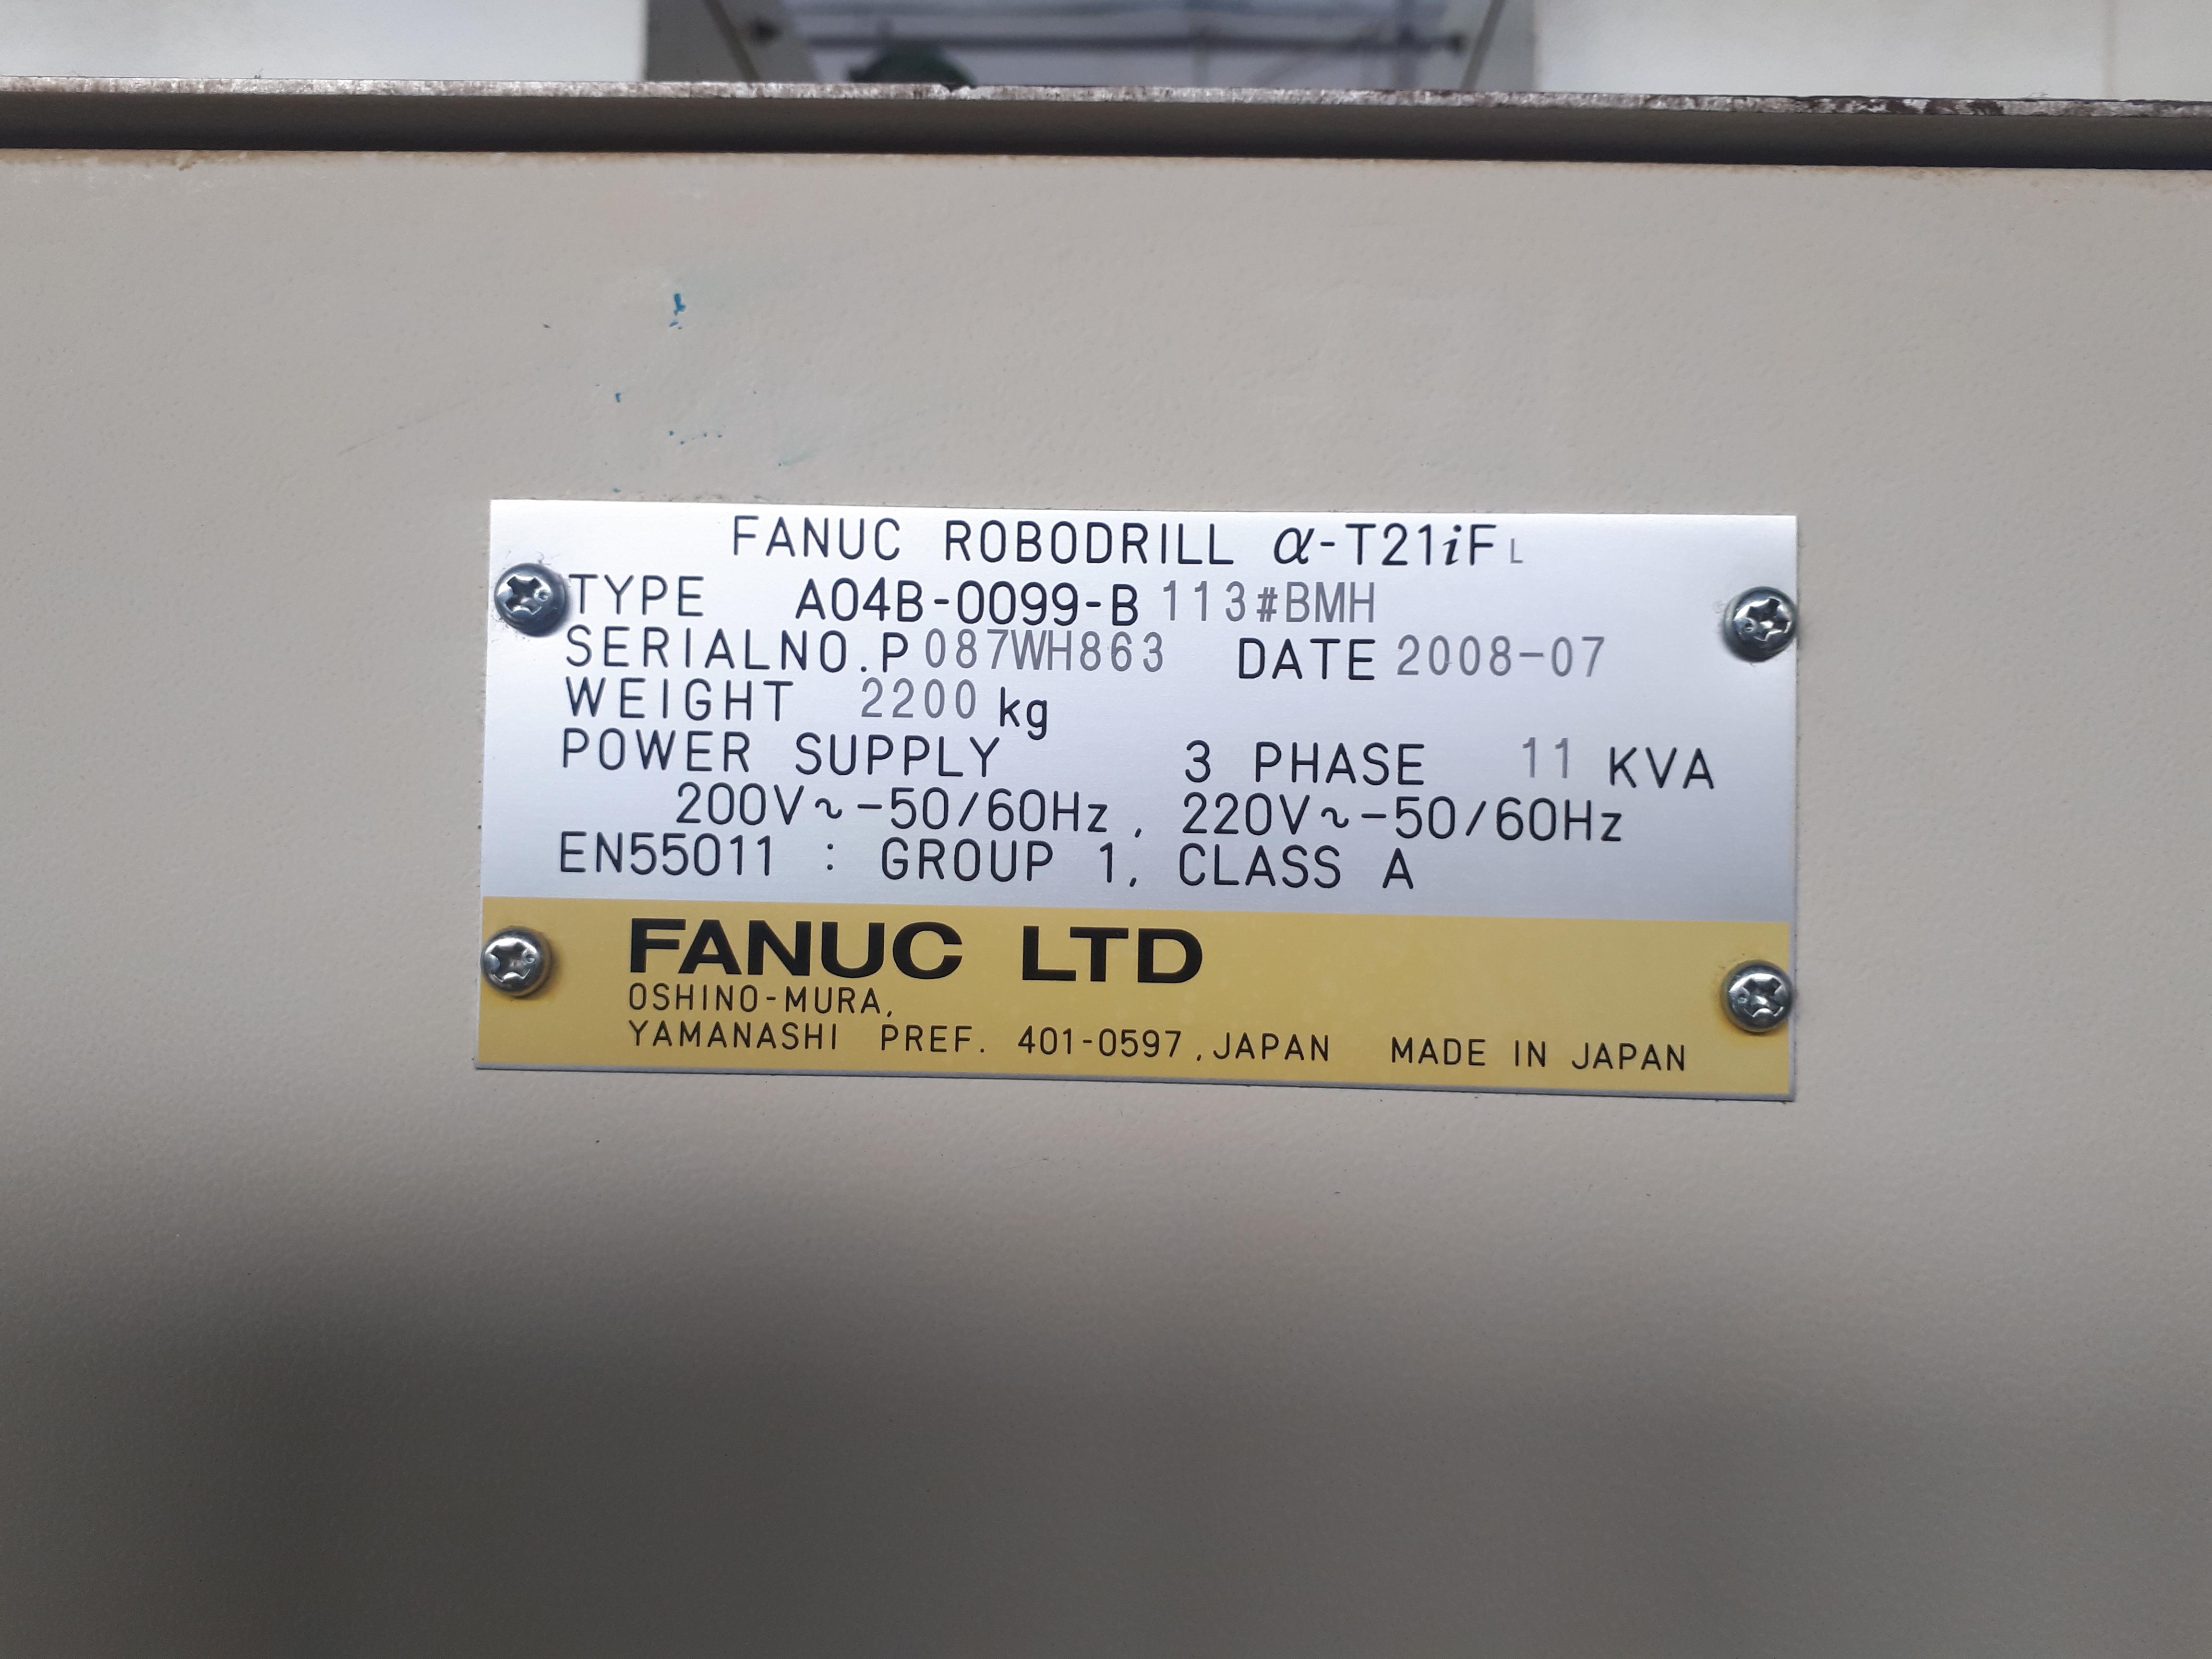 Robodrill Fanuc alfa T21 i FL in vendita - foto 4